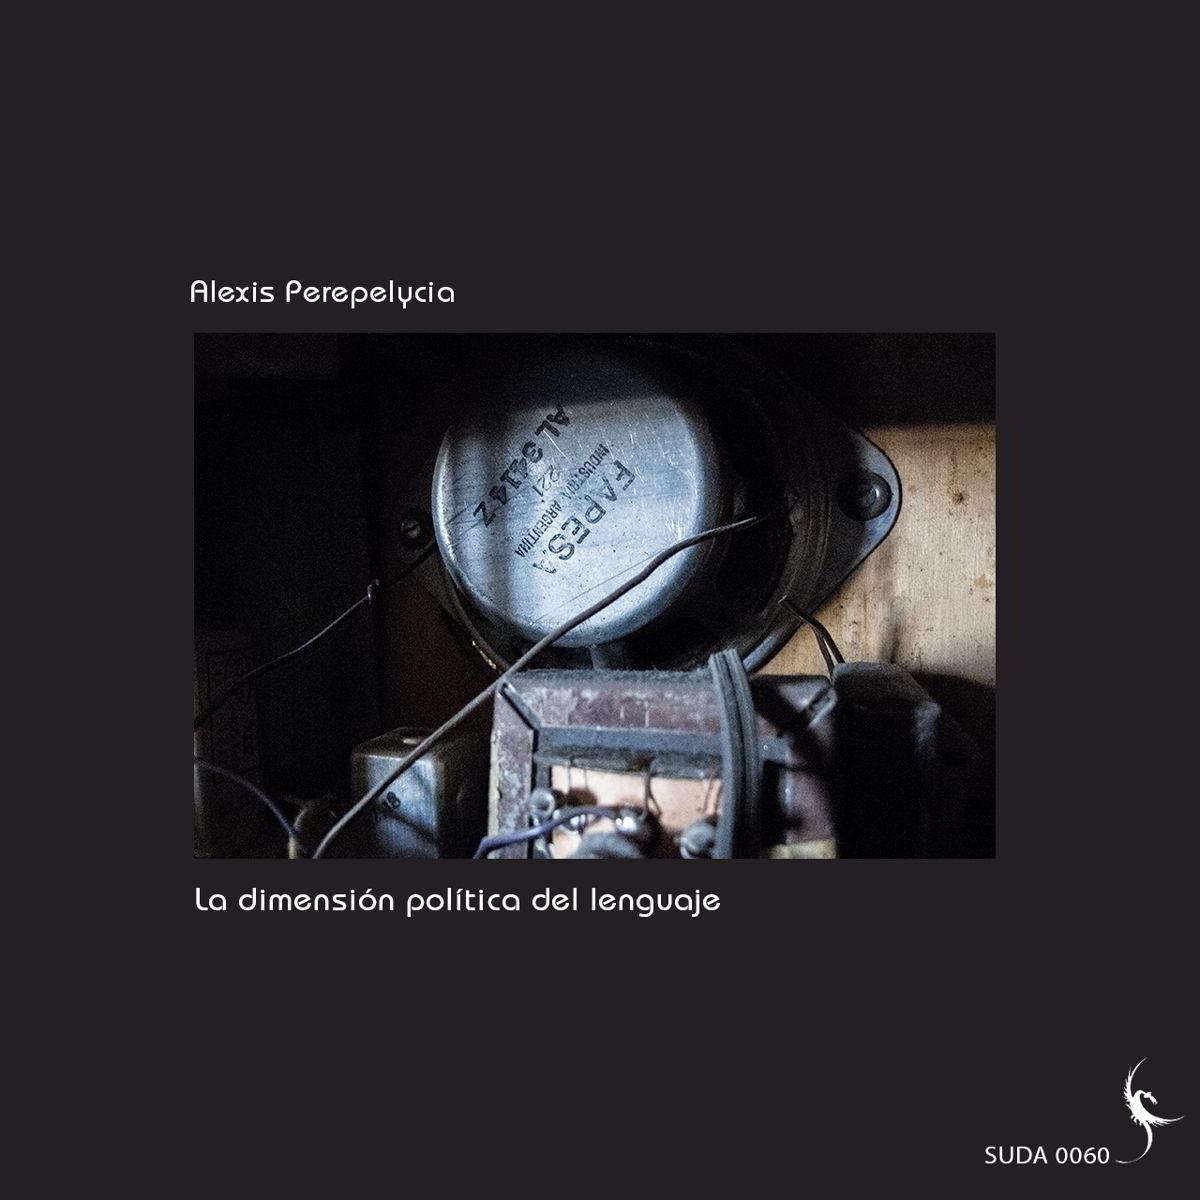 La Dimensión Política del Lenguaje